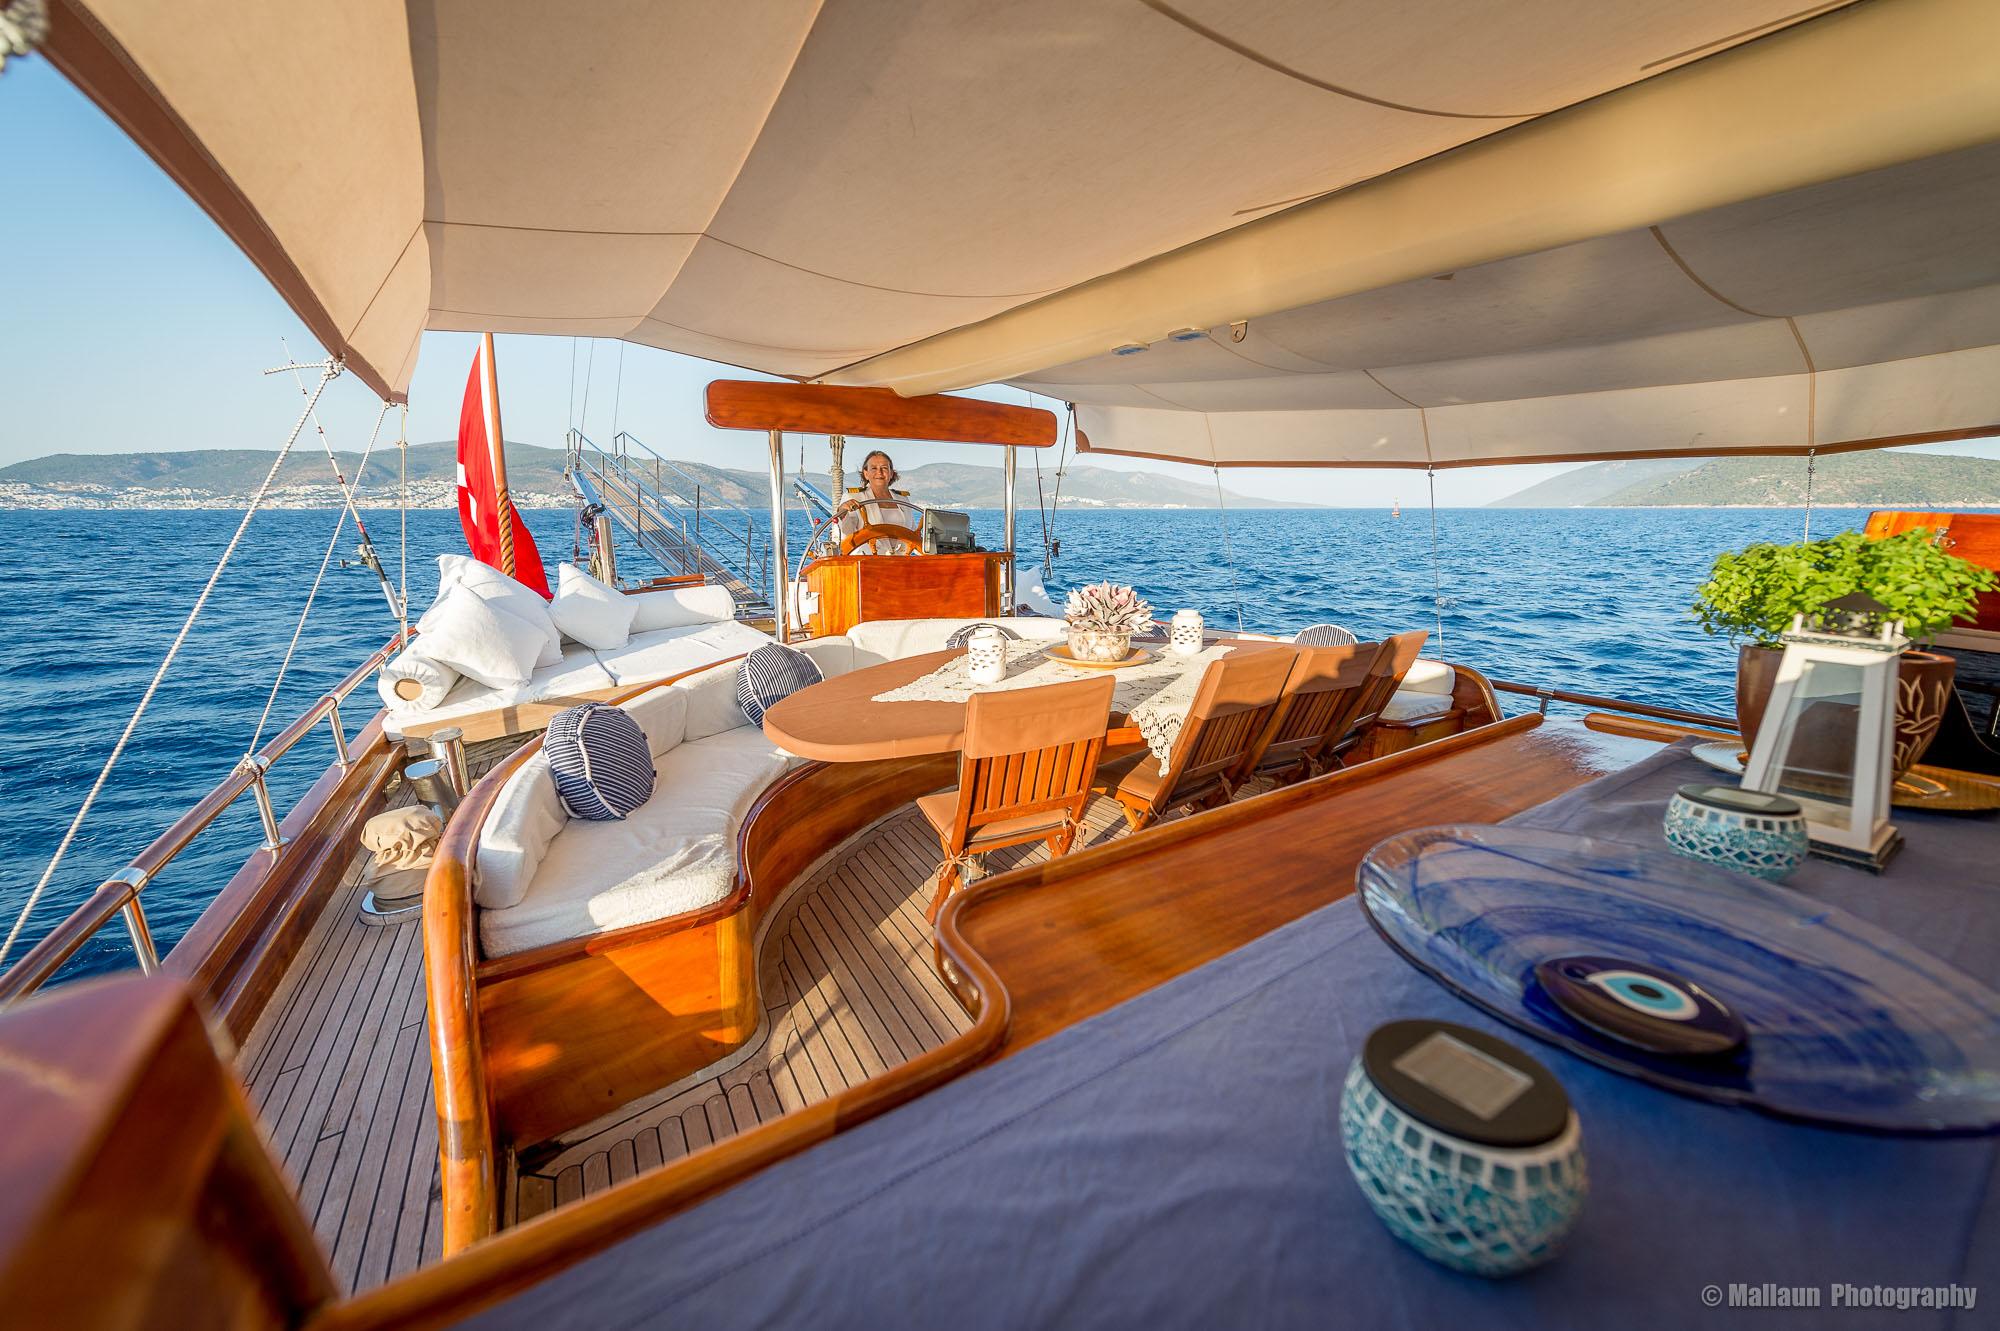 Hier das Abendessen zu geniessen gehört zu den Highlights einer Reise mit der Prinzess Nazan Deniz © Mallaun Photography